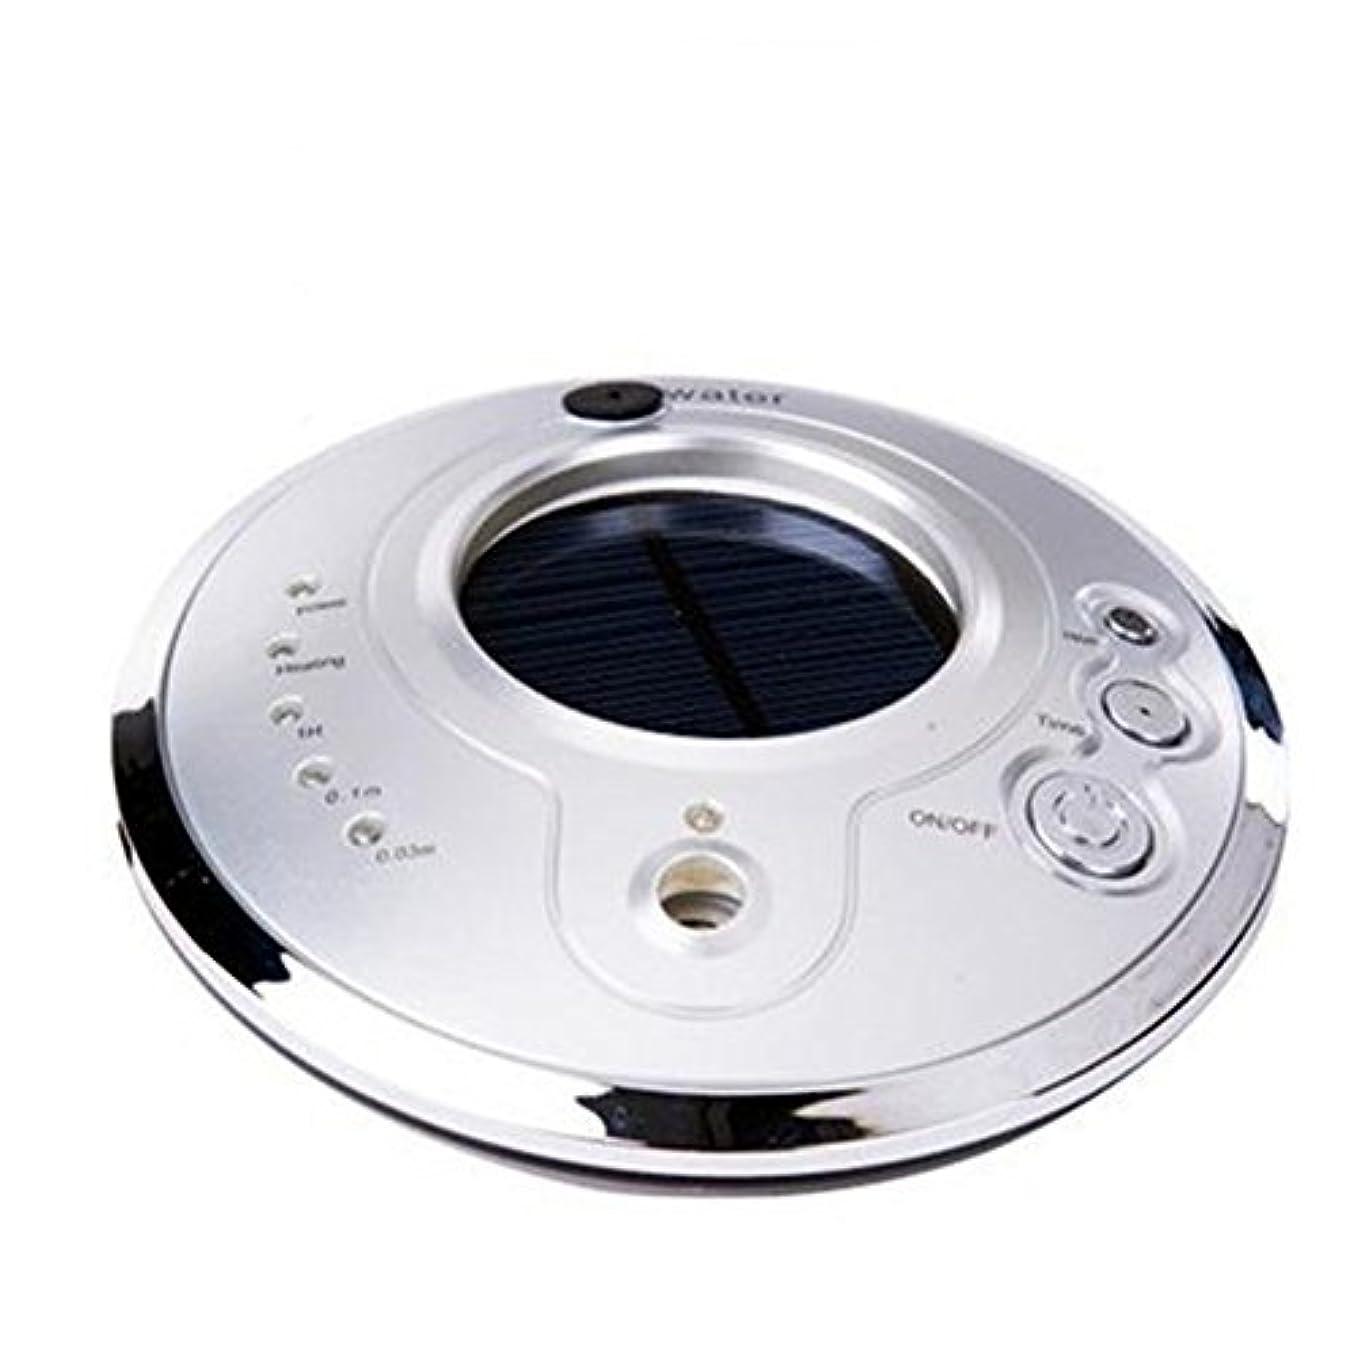 シャーロックホームズ貴重なコンパイルAuroraloveイオン空気清浄機Fresher USB車空気加湿器、ソーラーイオン加湿器、アロマセラピー車Essential Oil Diffuser、超音波車モードで調節可能なミスト加湿器 シルバー